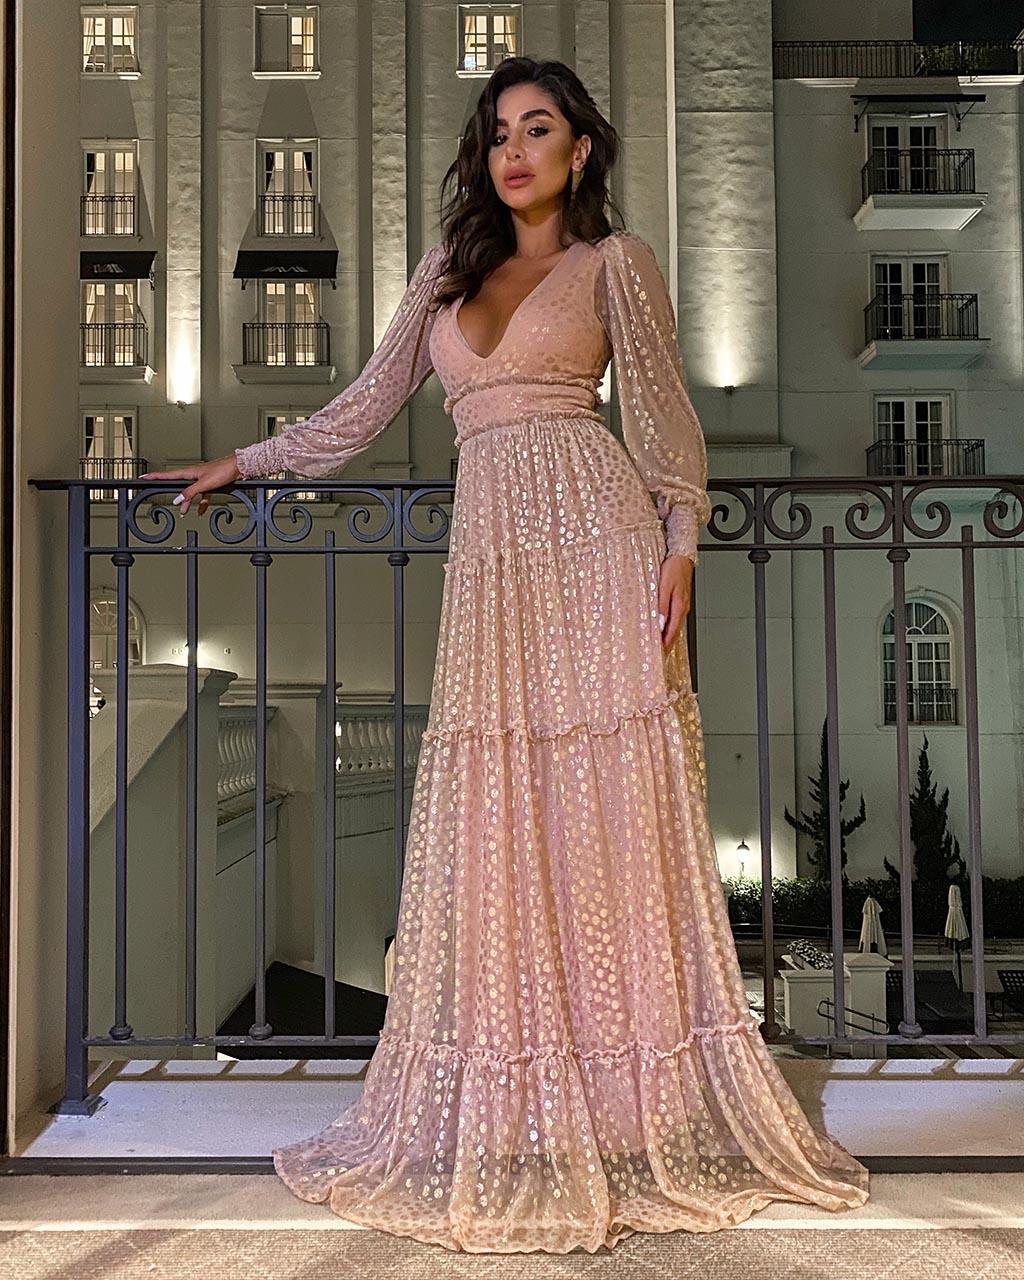 Vestido Cecilia  - Empório NM